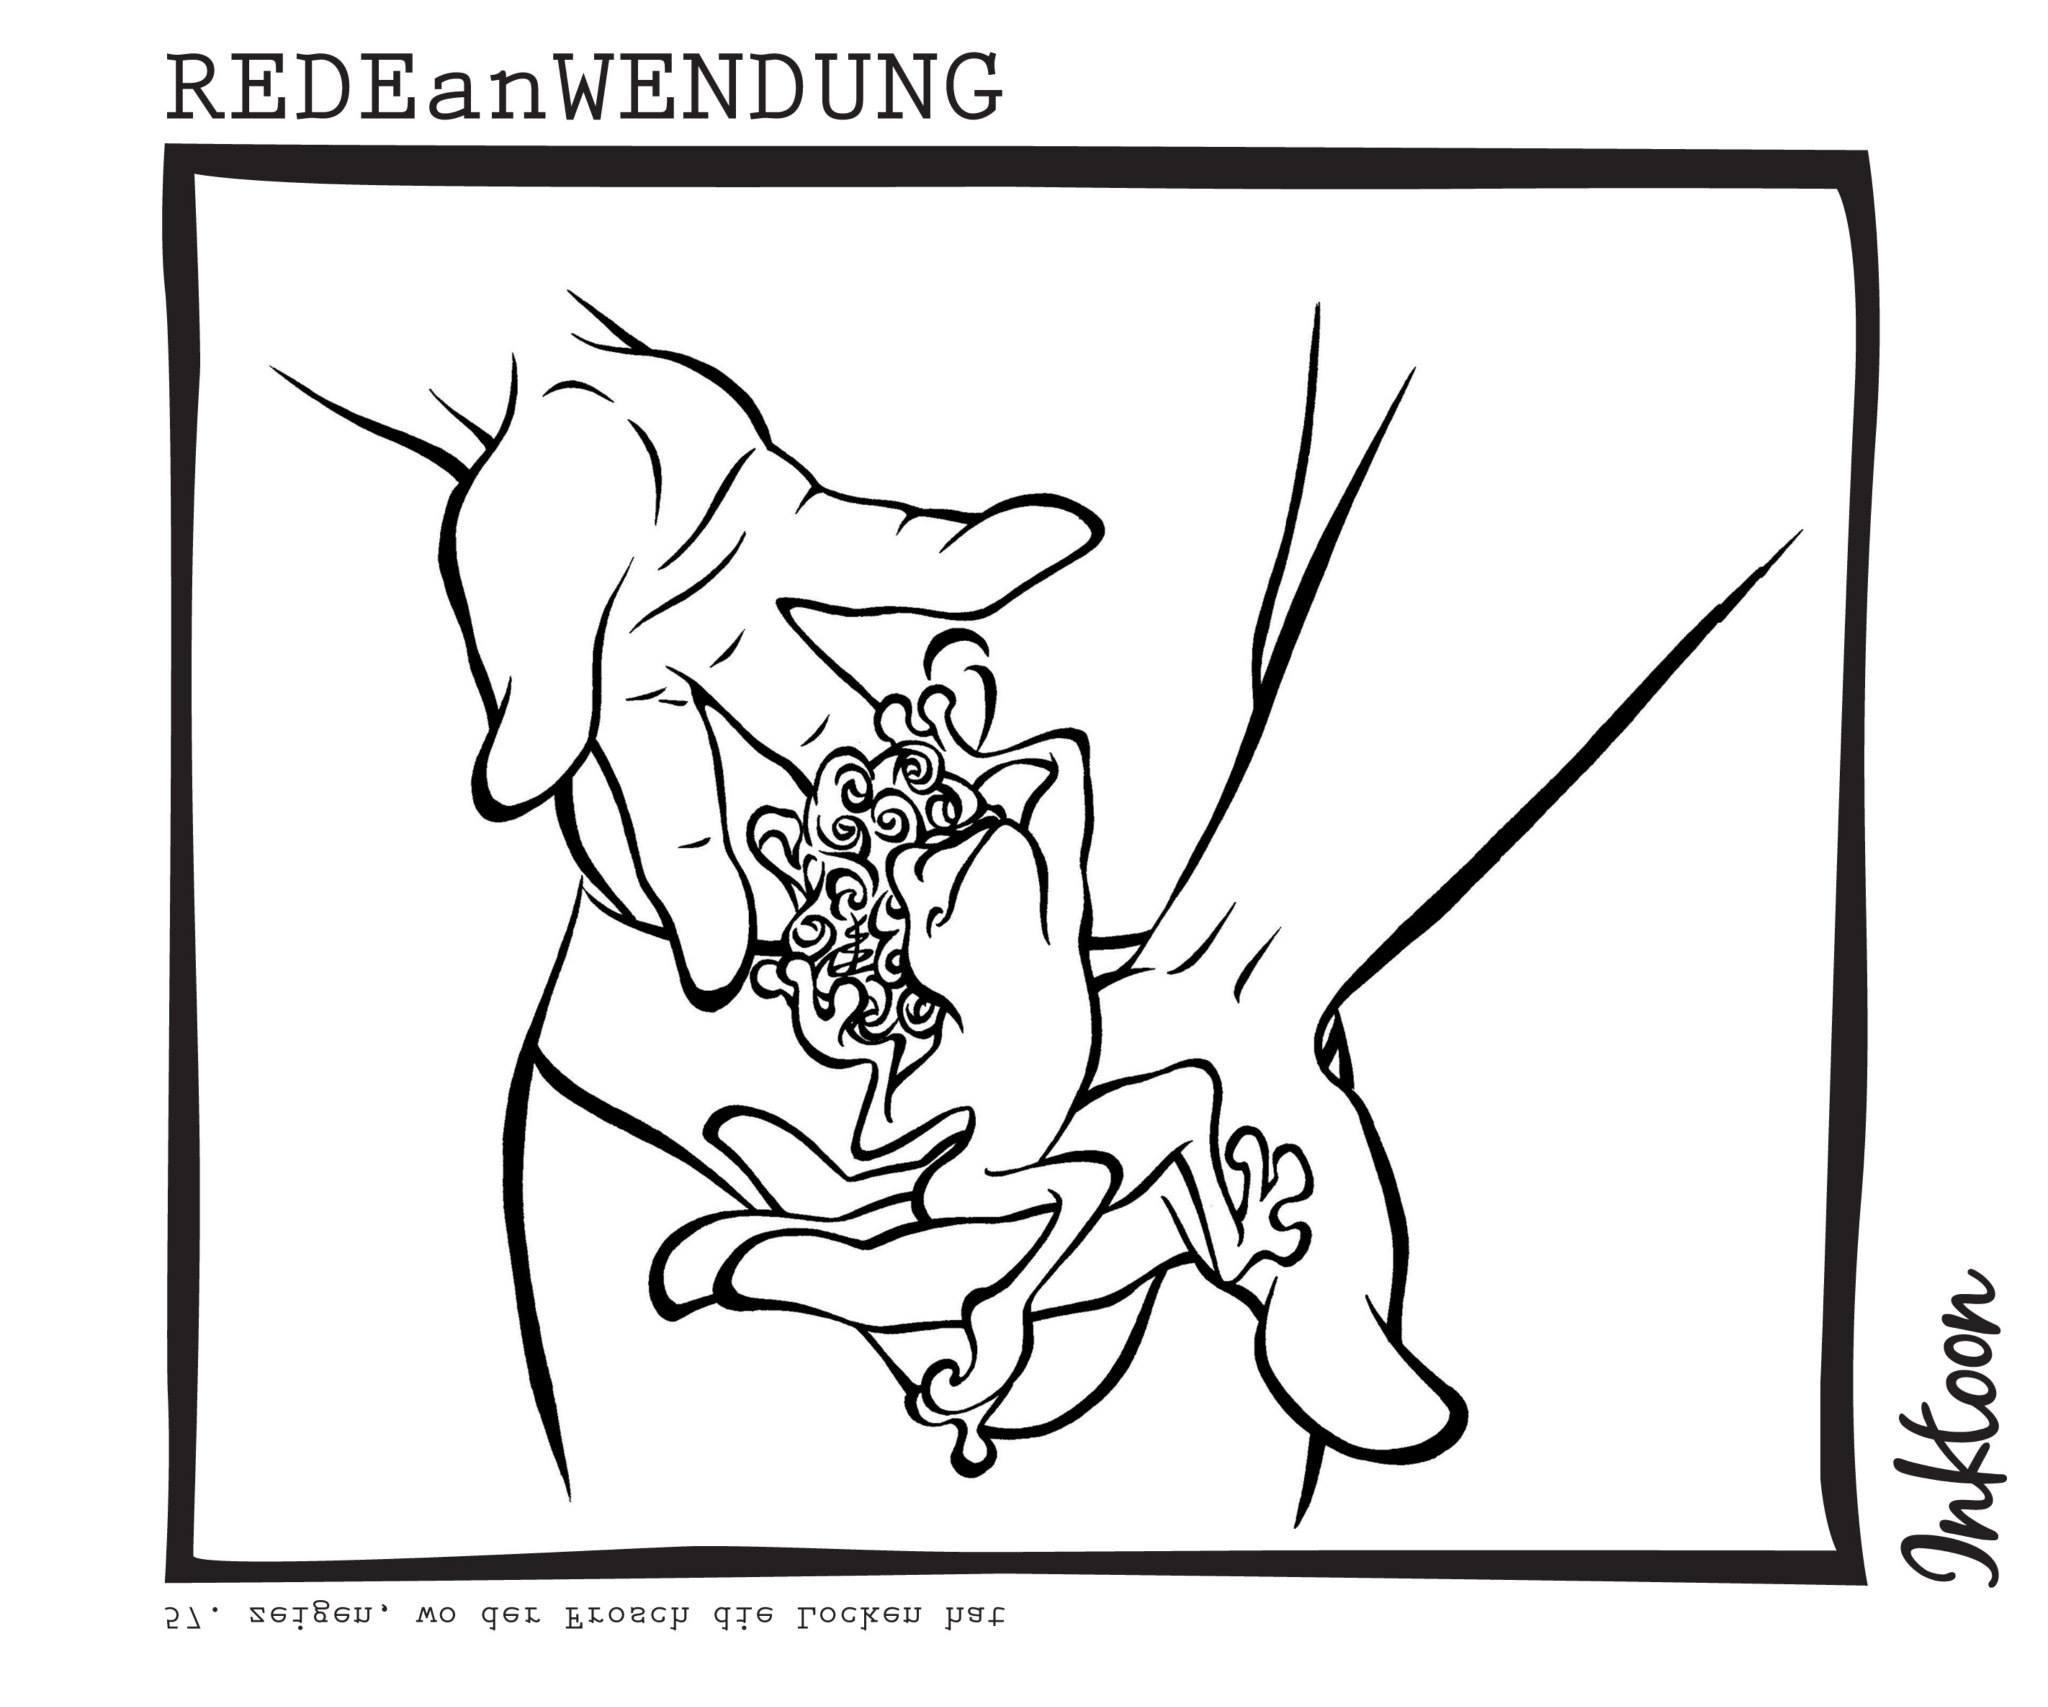 zeigen wo der Frosch die Locken hat plumpe Anmache Redewendung Redeanwendung Bilderrätsel toon inktoon Illustration Grafik Sprichwort Bild